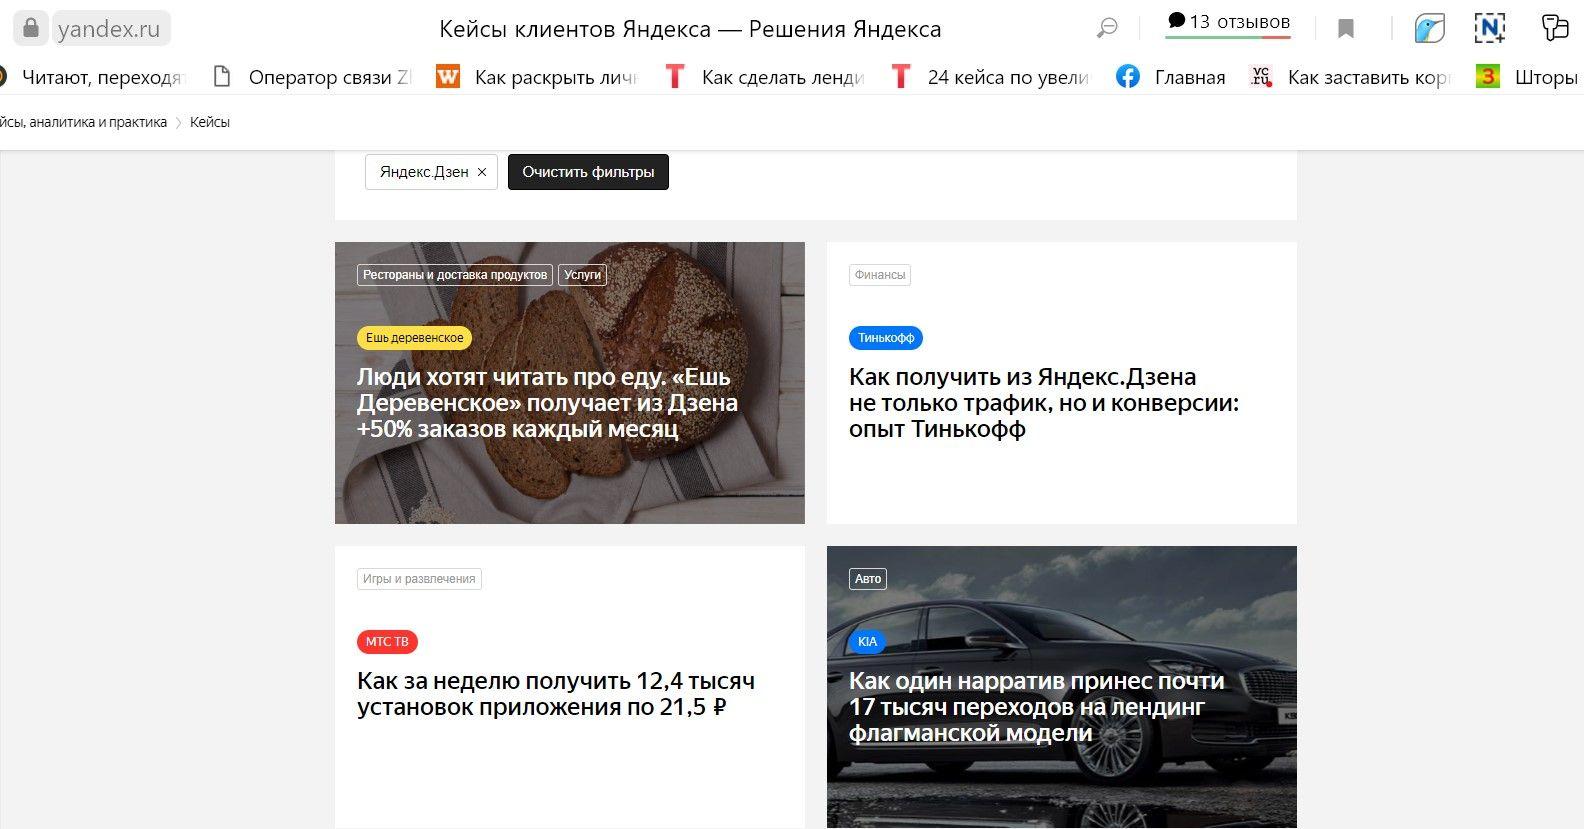 Яндекс.Дзен собирает кейсы крупных компаний, которые ведут блоги